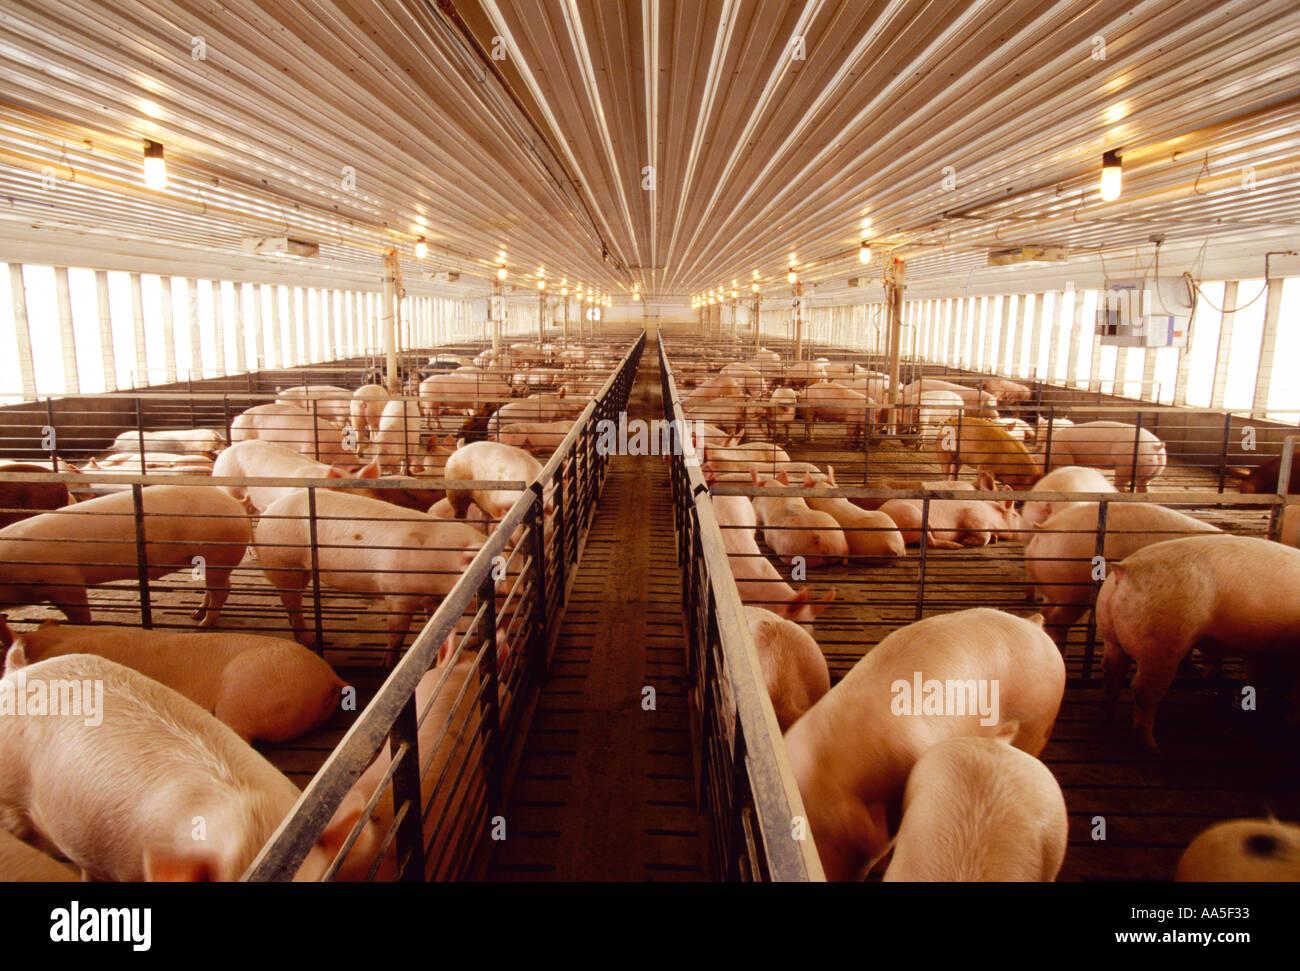 Vieh - Reifen 260lb marktreifen Schweine in einem modernen Schwein Entbindung / Central Iowa, USA. Stockbild